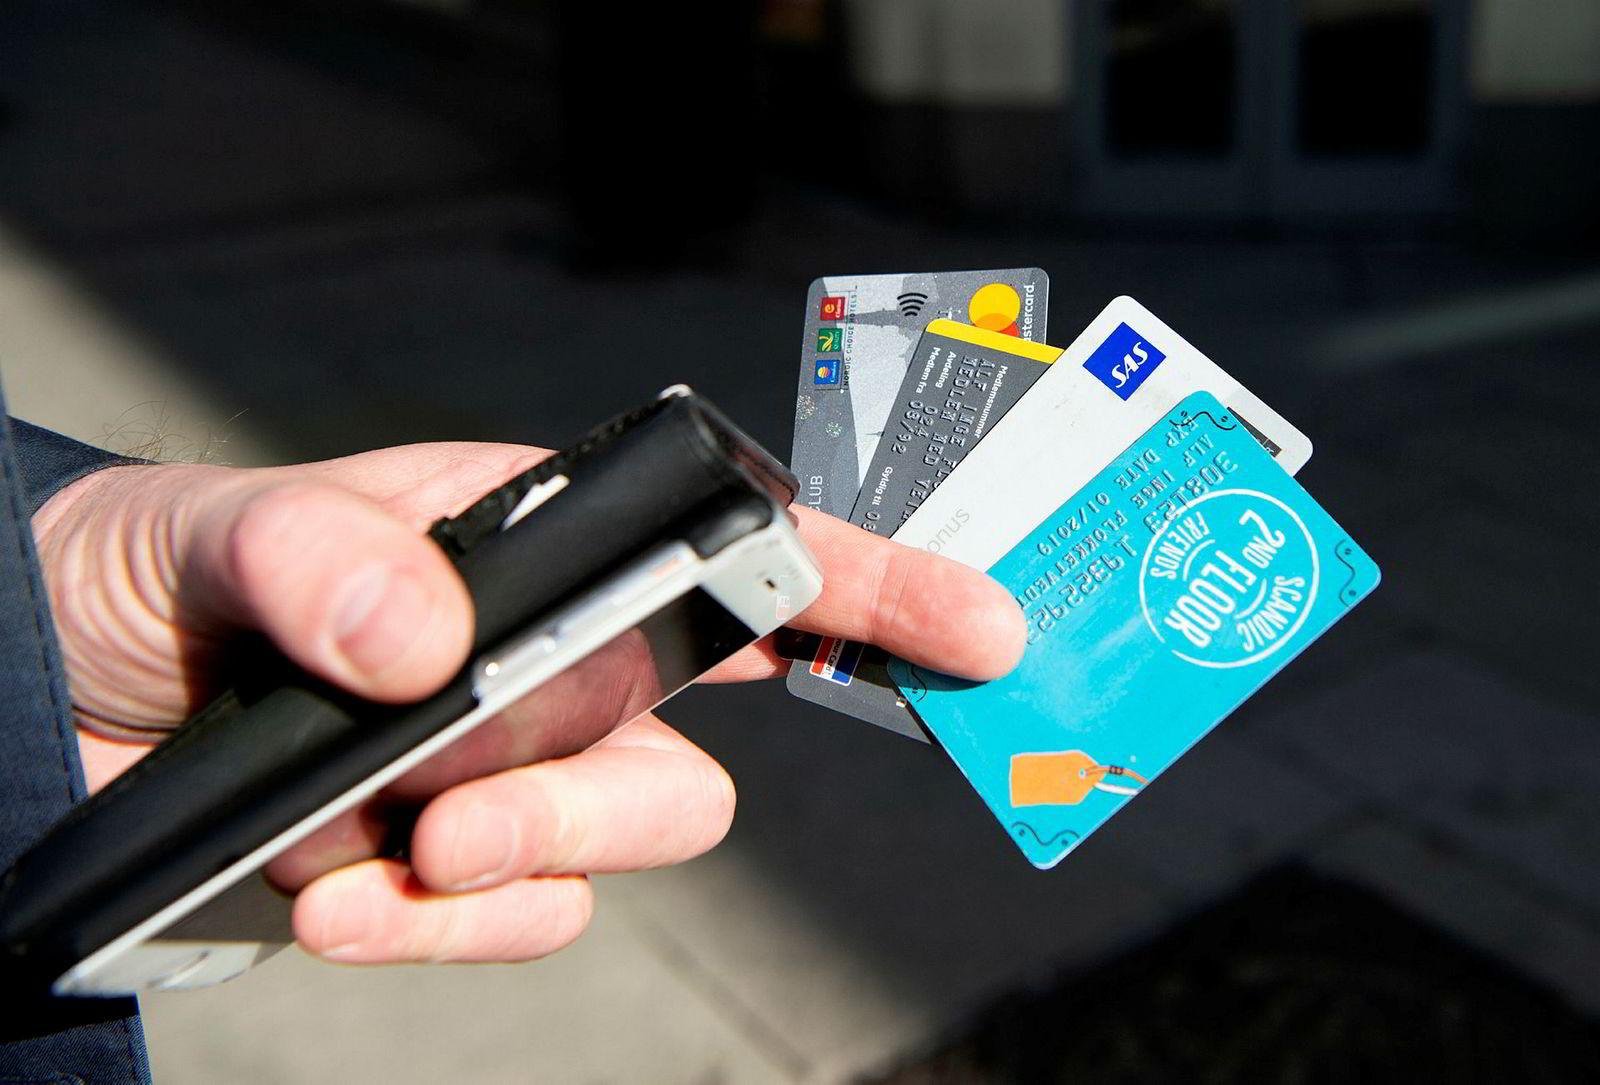 Alf Inge Flokketvedt viser et knippe av sine medlemskort som han gjerne vil ha i en app istedenfor i lommeboken.